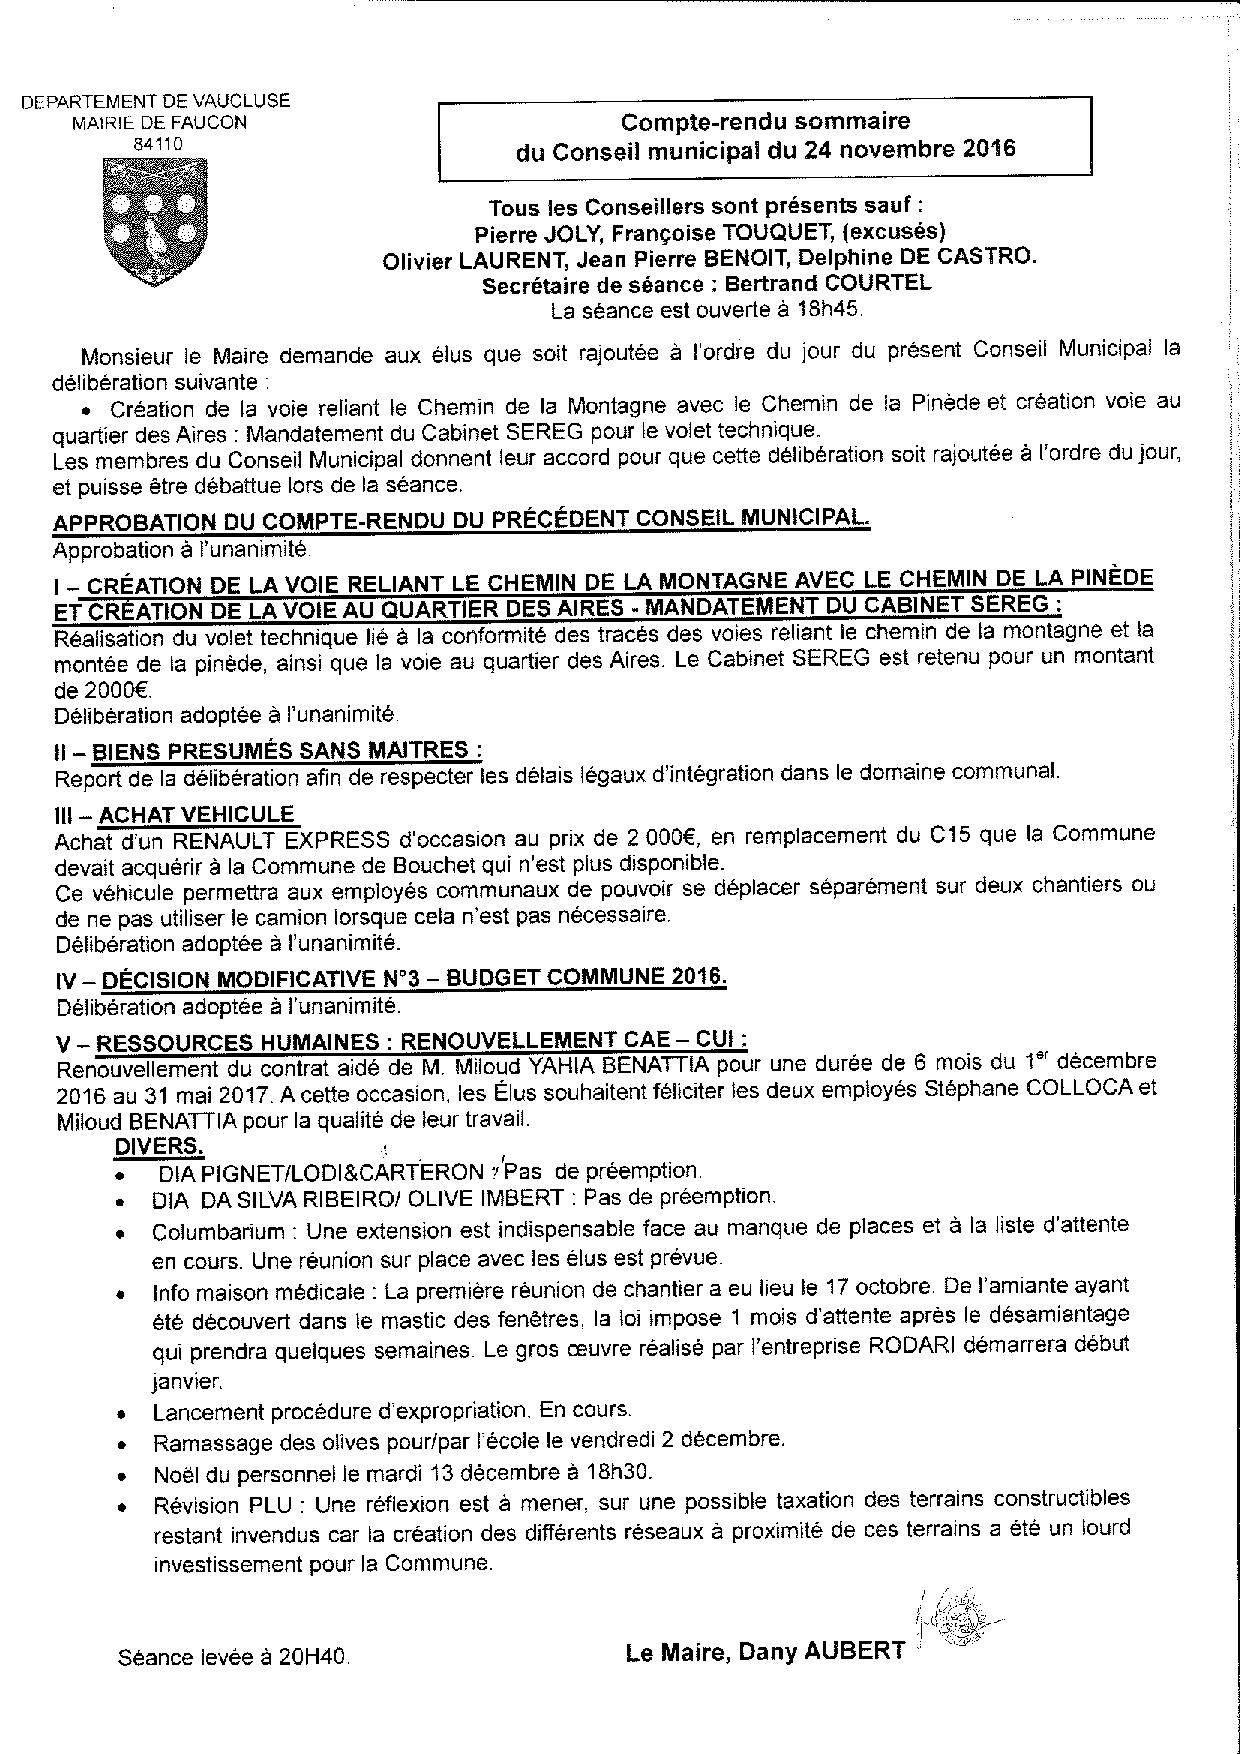 Compte-rendu sommaire du Conseil municipal du 24 novembre 2016